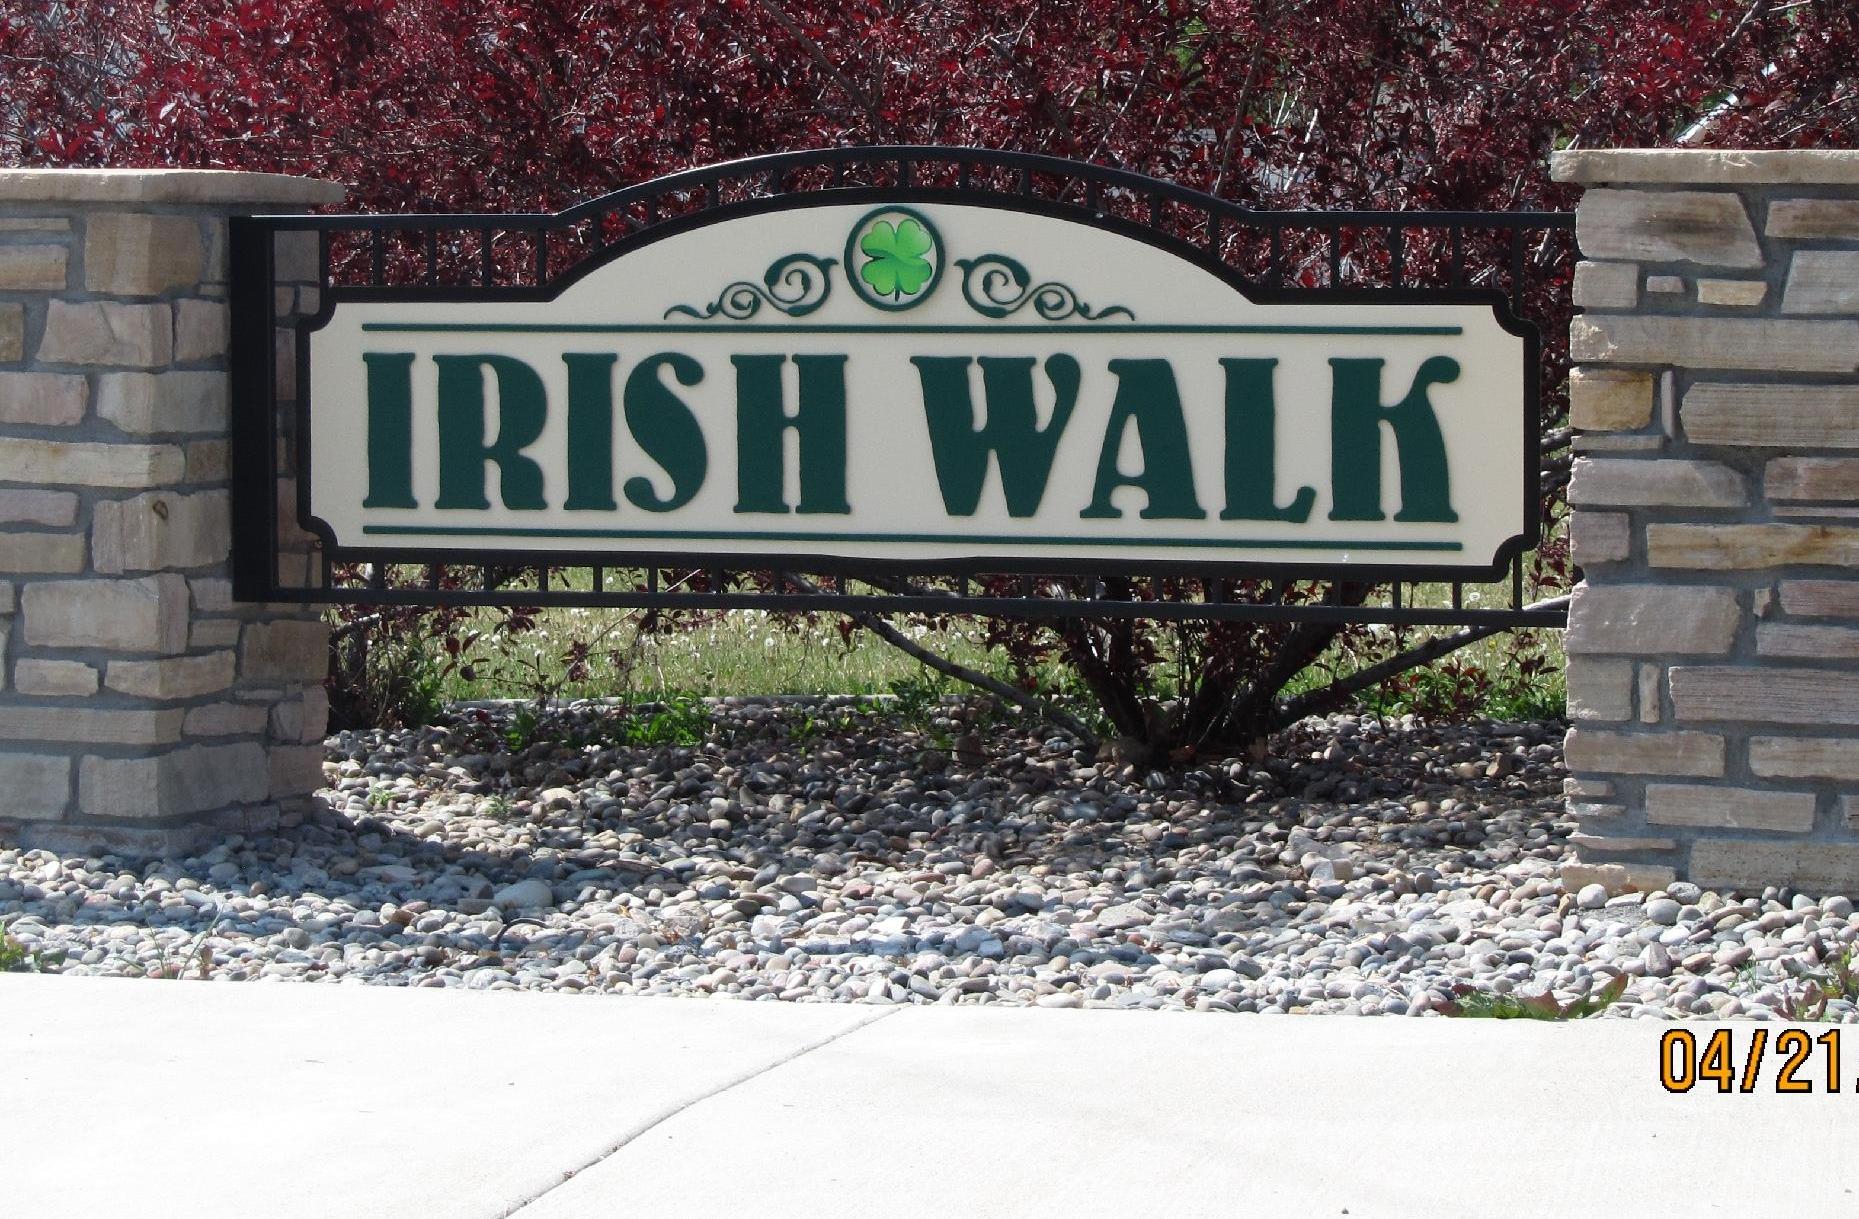 Irish Walk